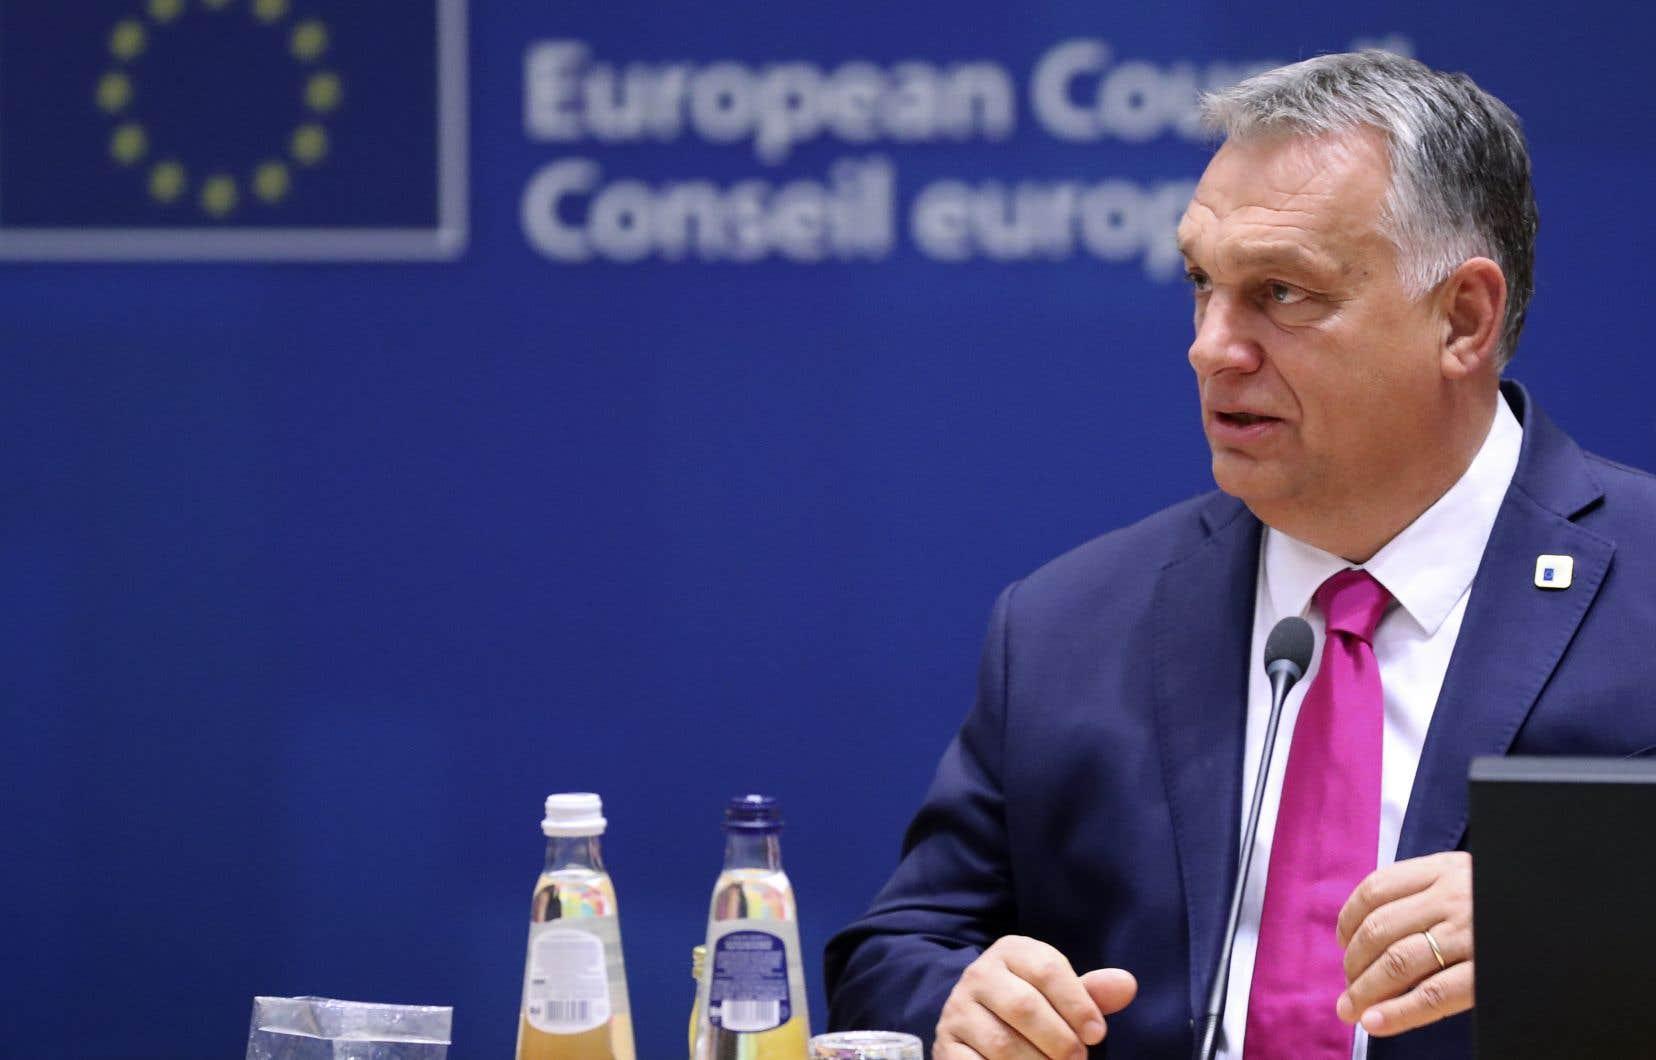 Dans un communiqué diffusé sur Twitter, le premier ministre hongrois, Viktor Orban, a argumenté que l'Europe serait en mesure d'«utiliser des moyens financiers pour faire chanter les pays qui s'opposent à l'immigration» si le plan de relance était validé.